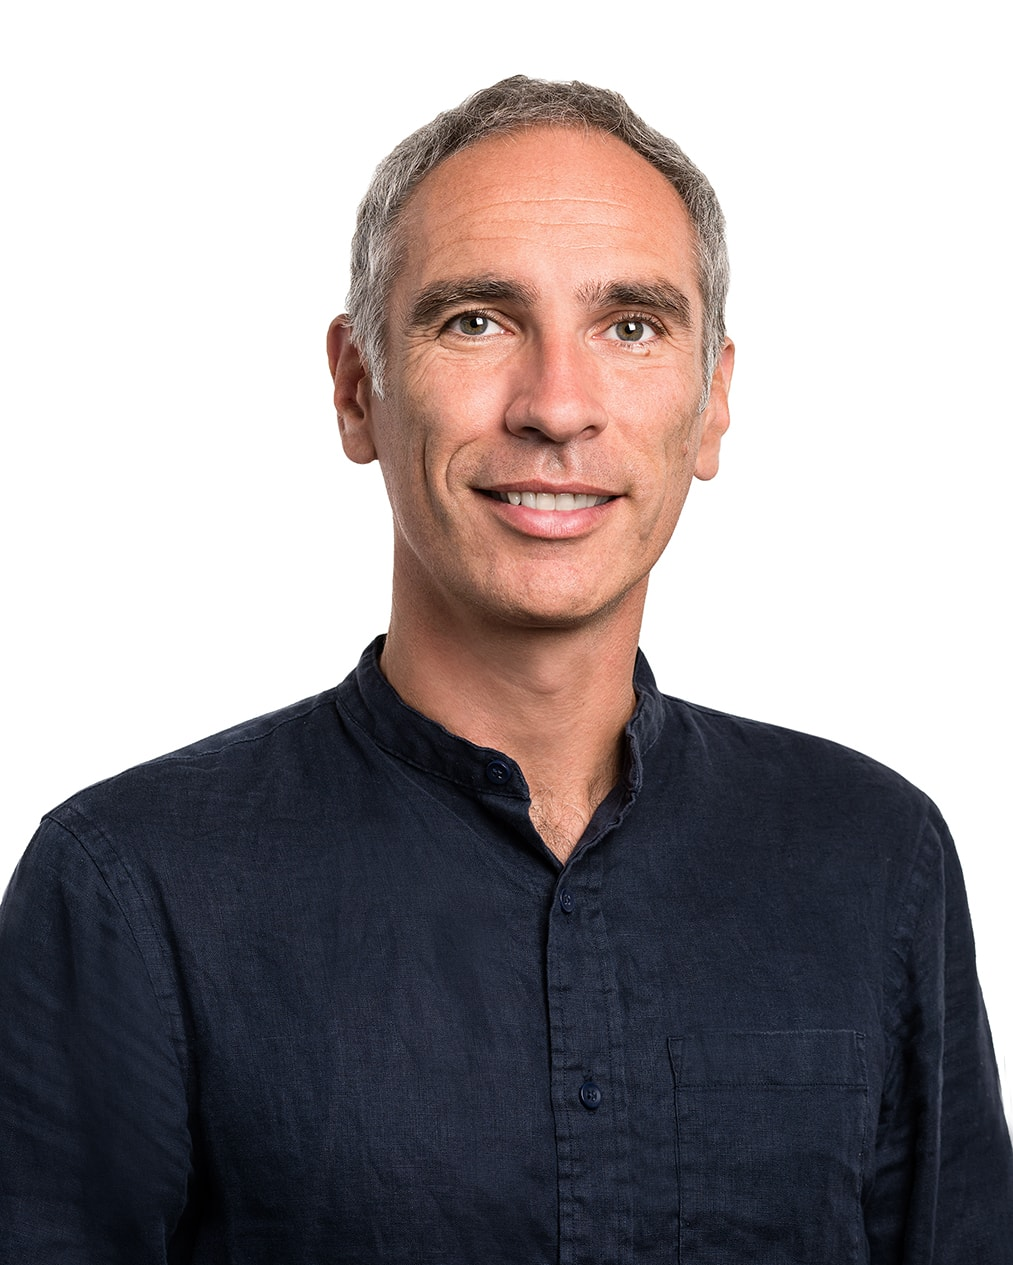 Franck Collet